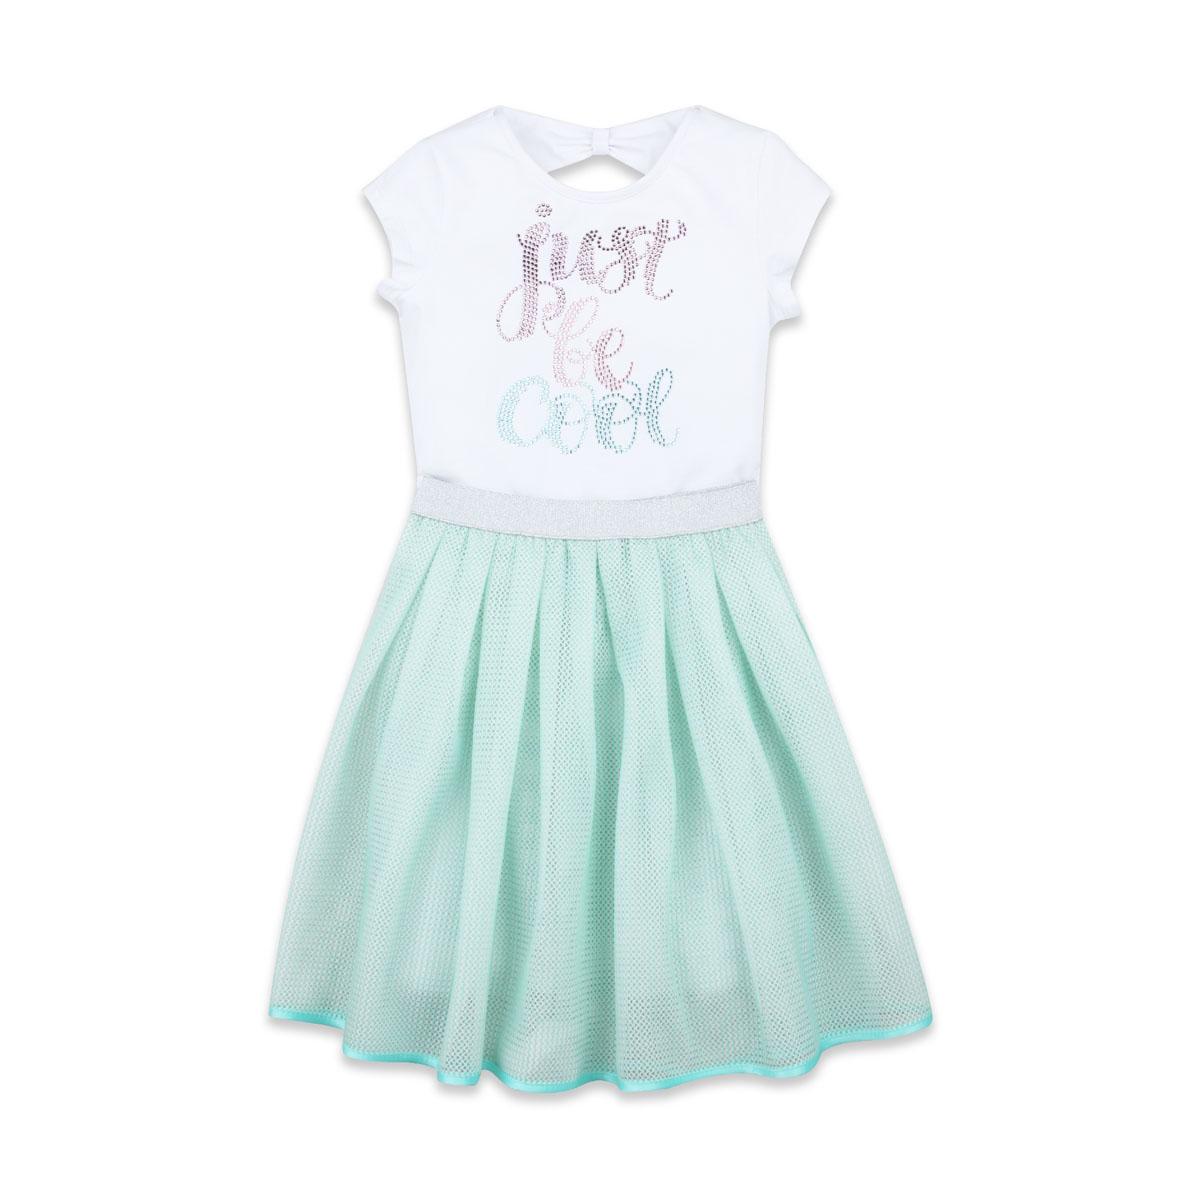 Платье для девочек. SCFSG-629-23602-609 мод.F1-001SCFSG-629-23602-609 мод.F1-001